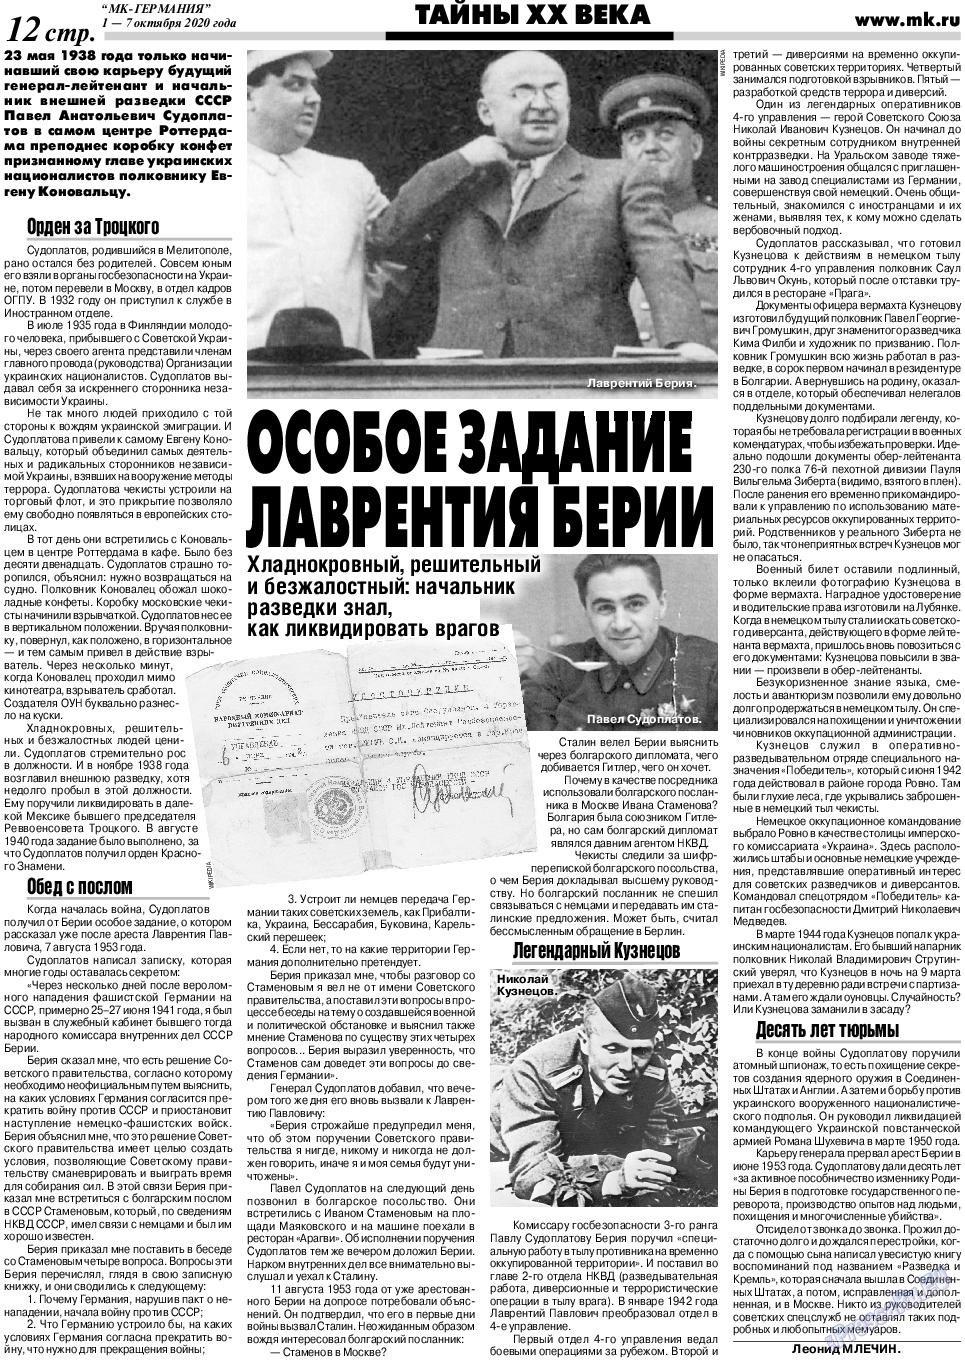 МК-Германия (газета). 2020 год, номер 40, стр. 12